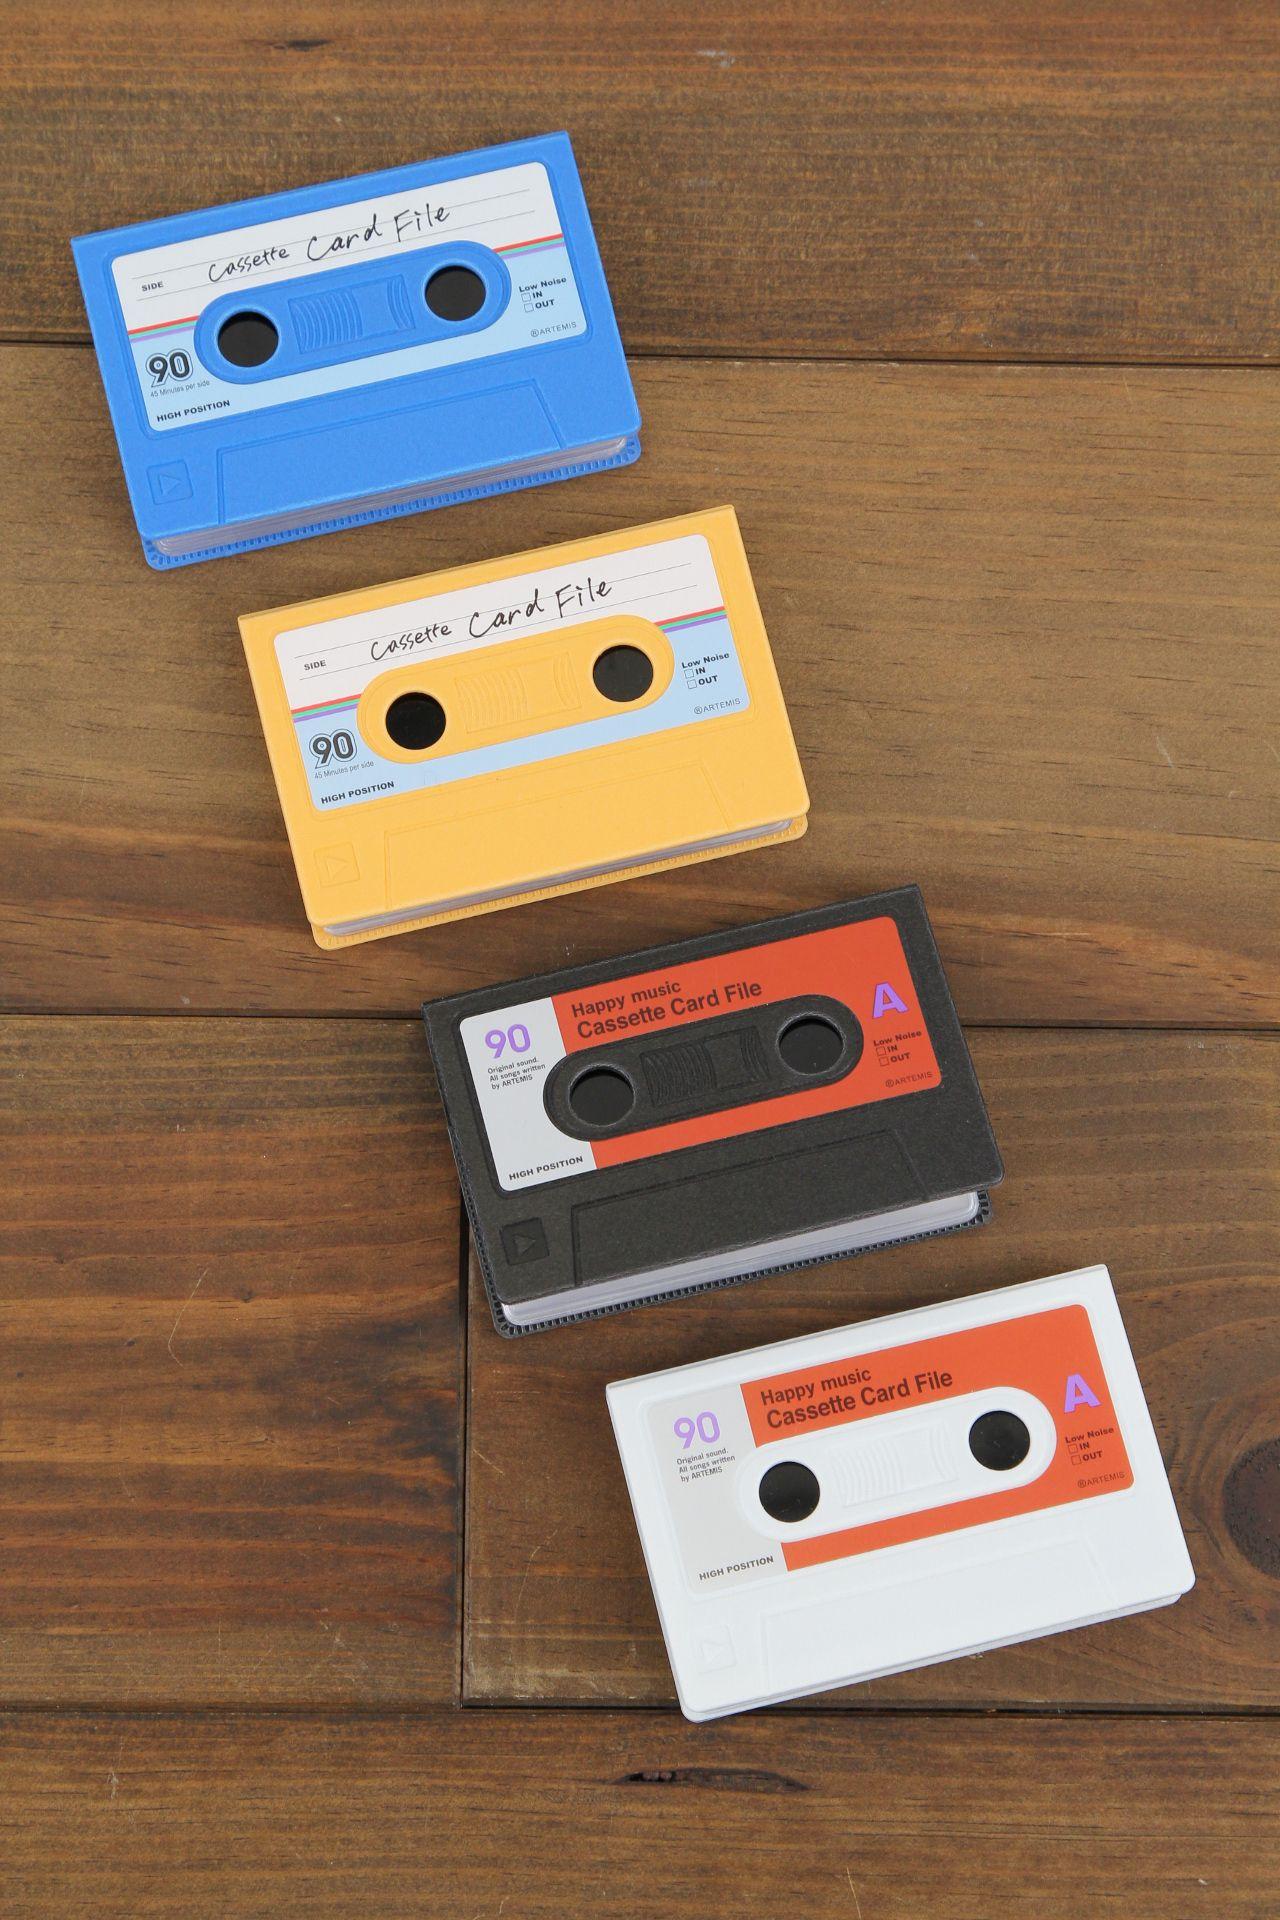 カセットカードファイル